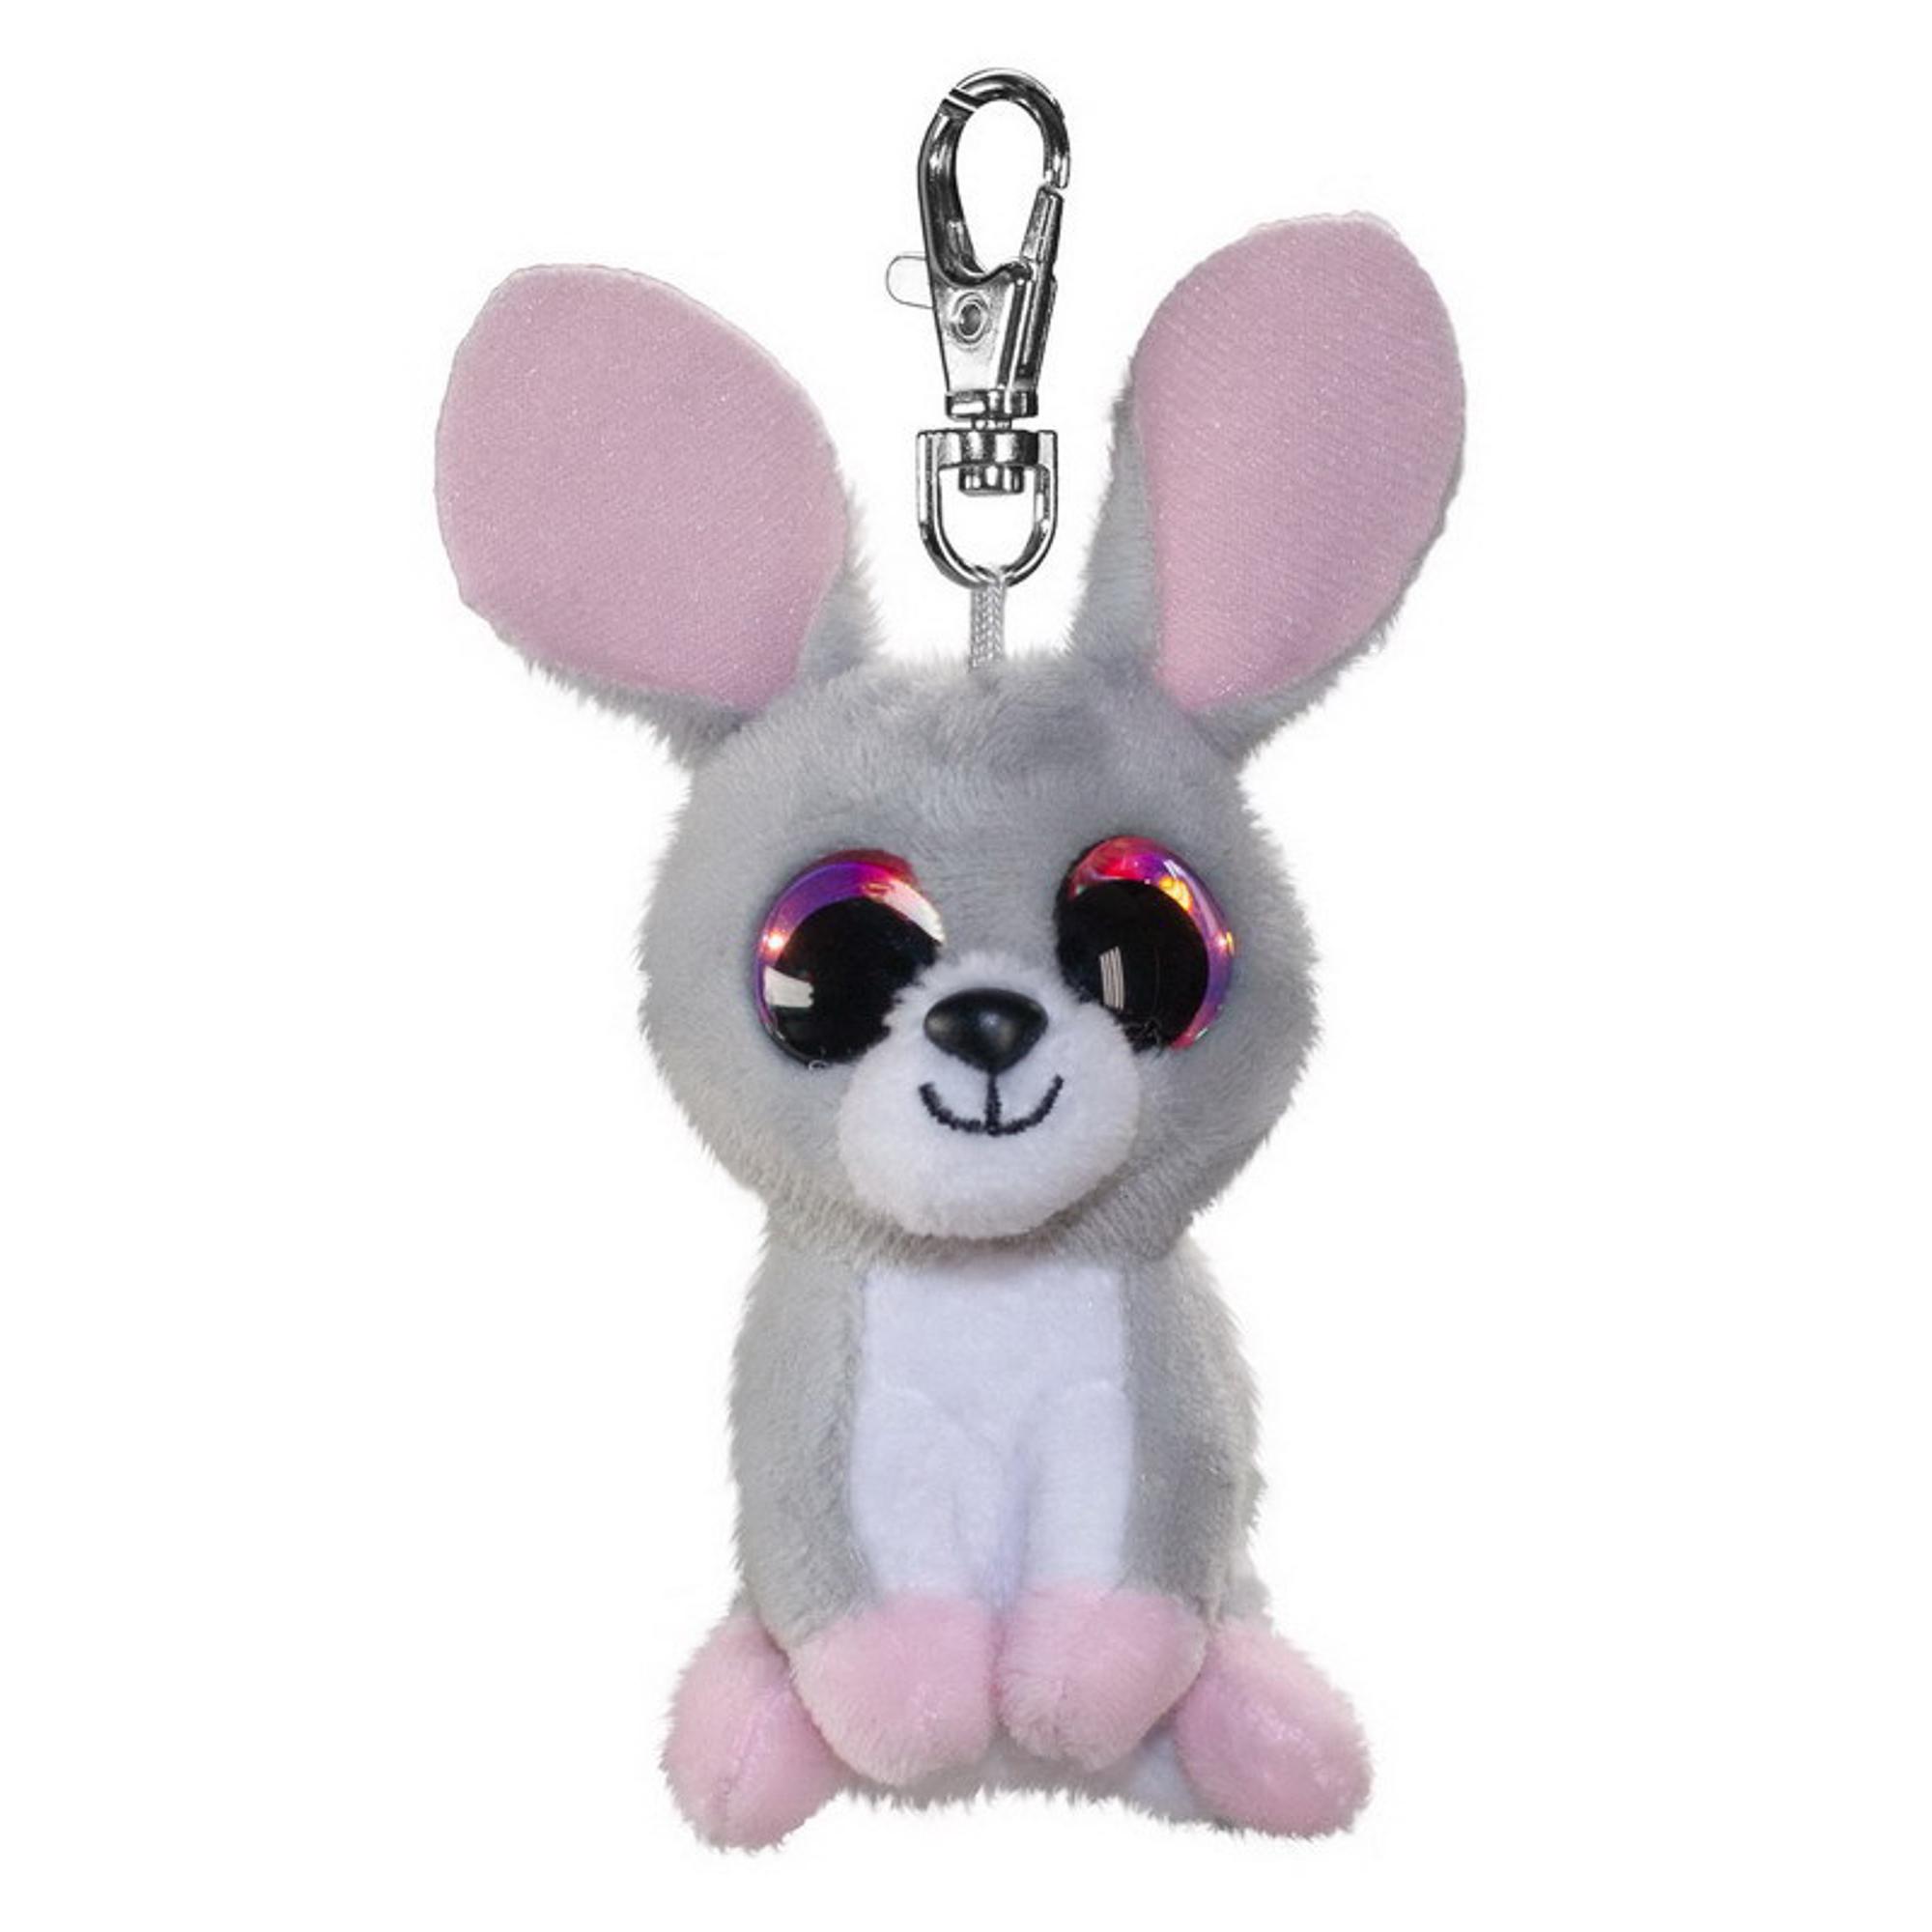 Купить Брелок LUMO Кролик Pupu 8.5 см, брелок, Китай, пластик, иск.мех, текстиль